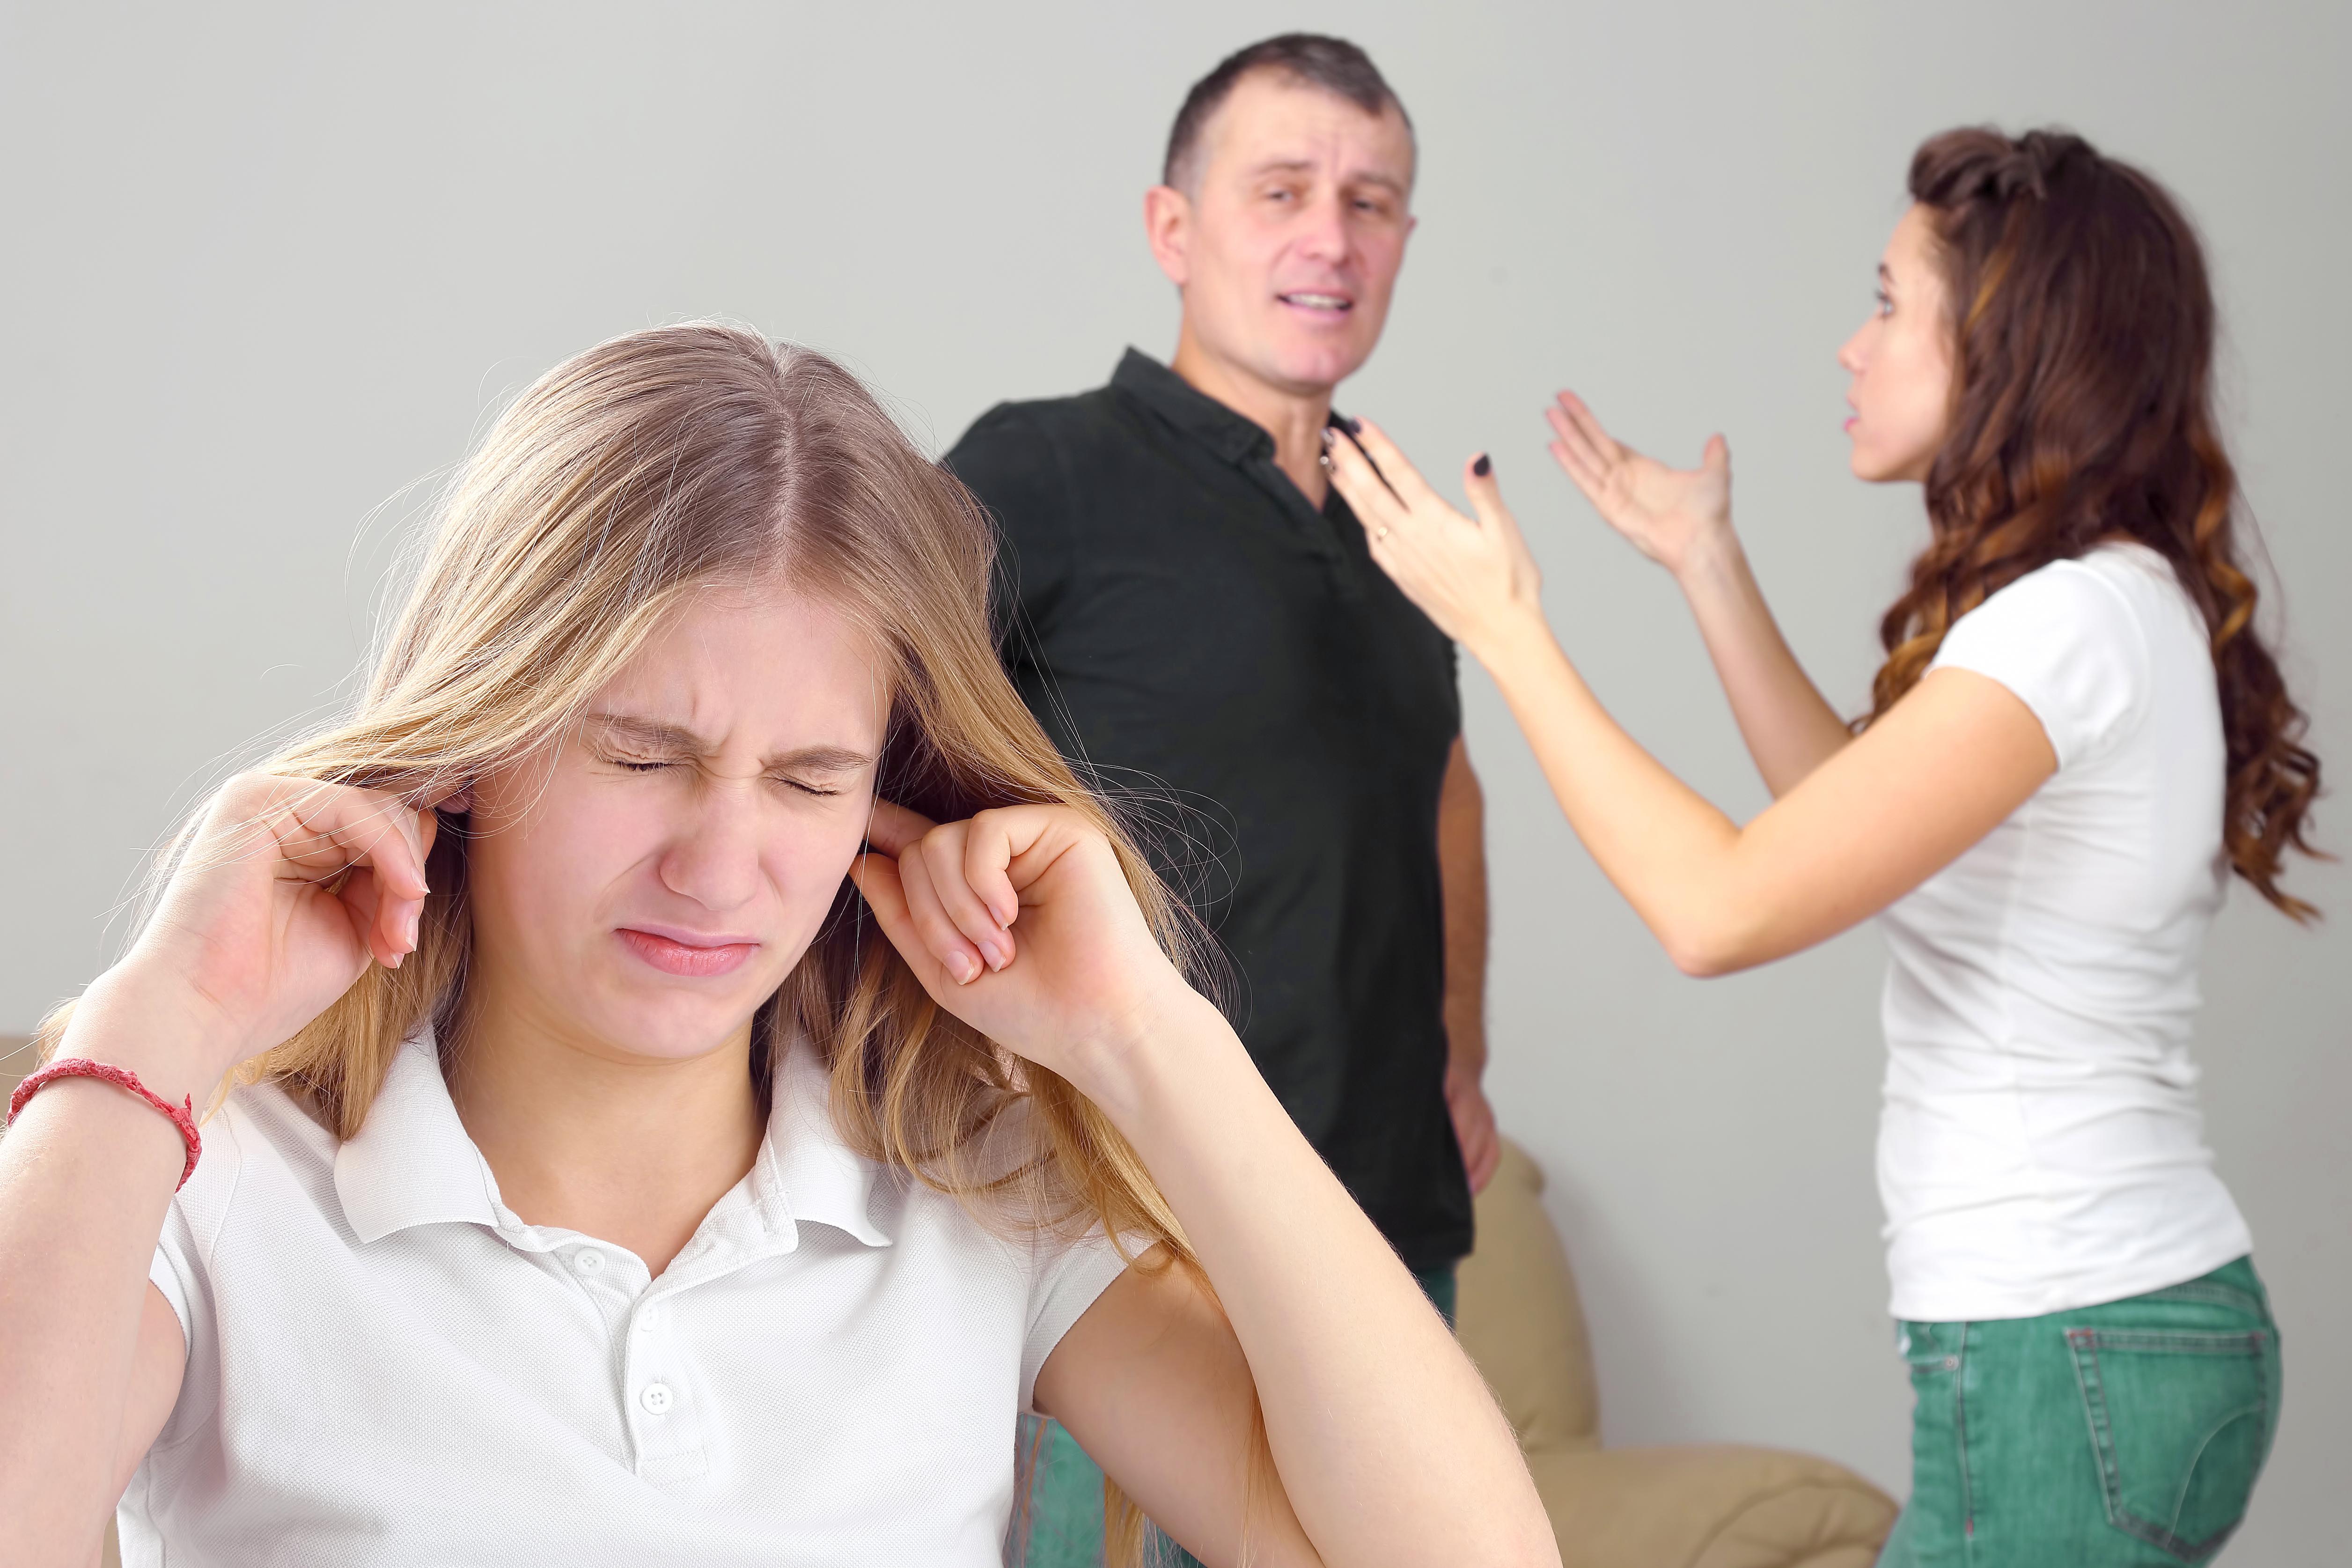 Manželská krize může negativně ovlivnit i děti.